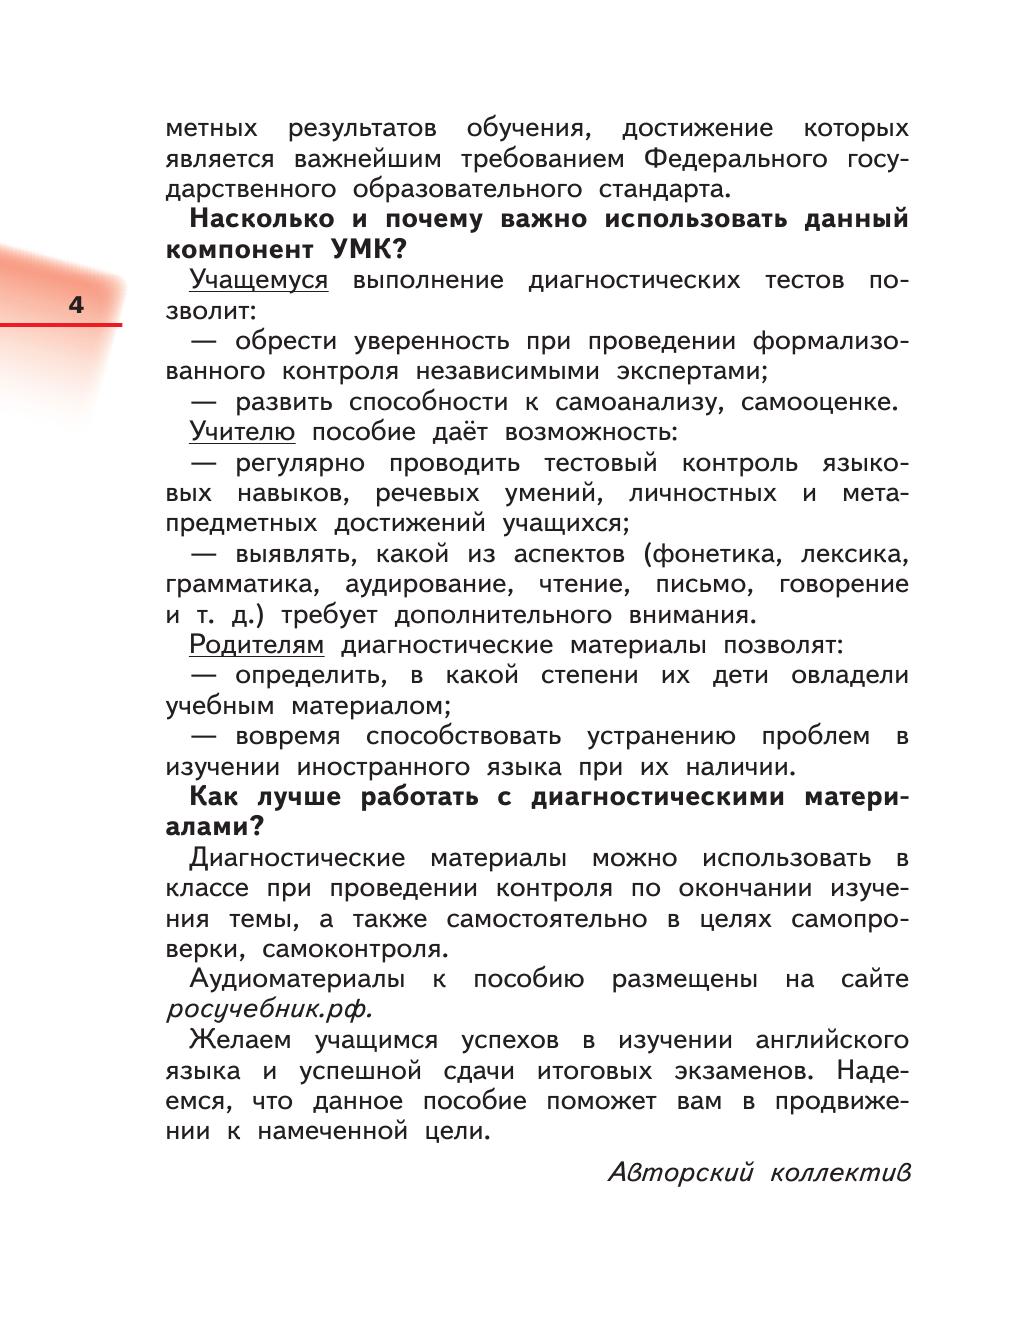 Диагностическая работа по русскому языку 9 класс с аудиозаписью и ответами 27 сентября